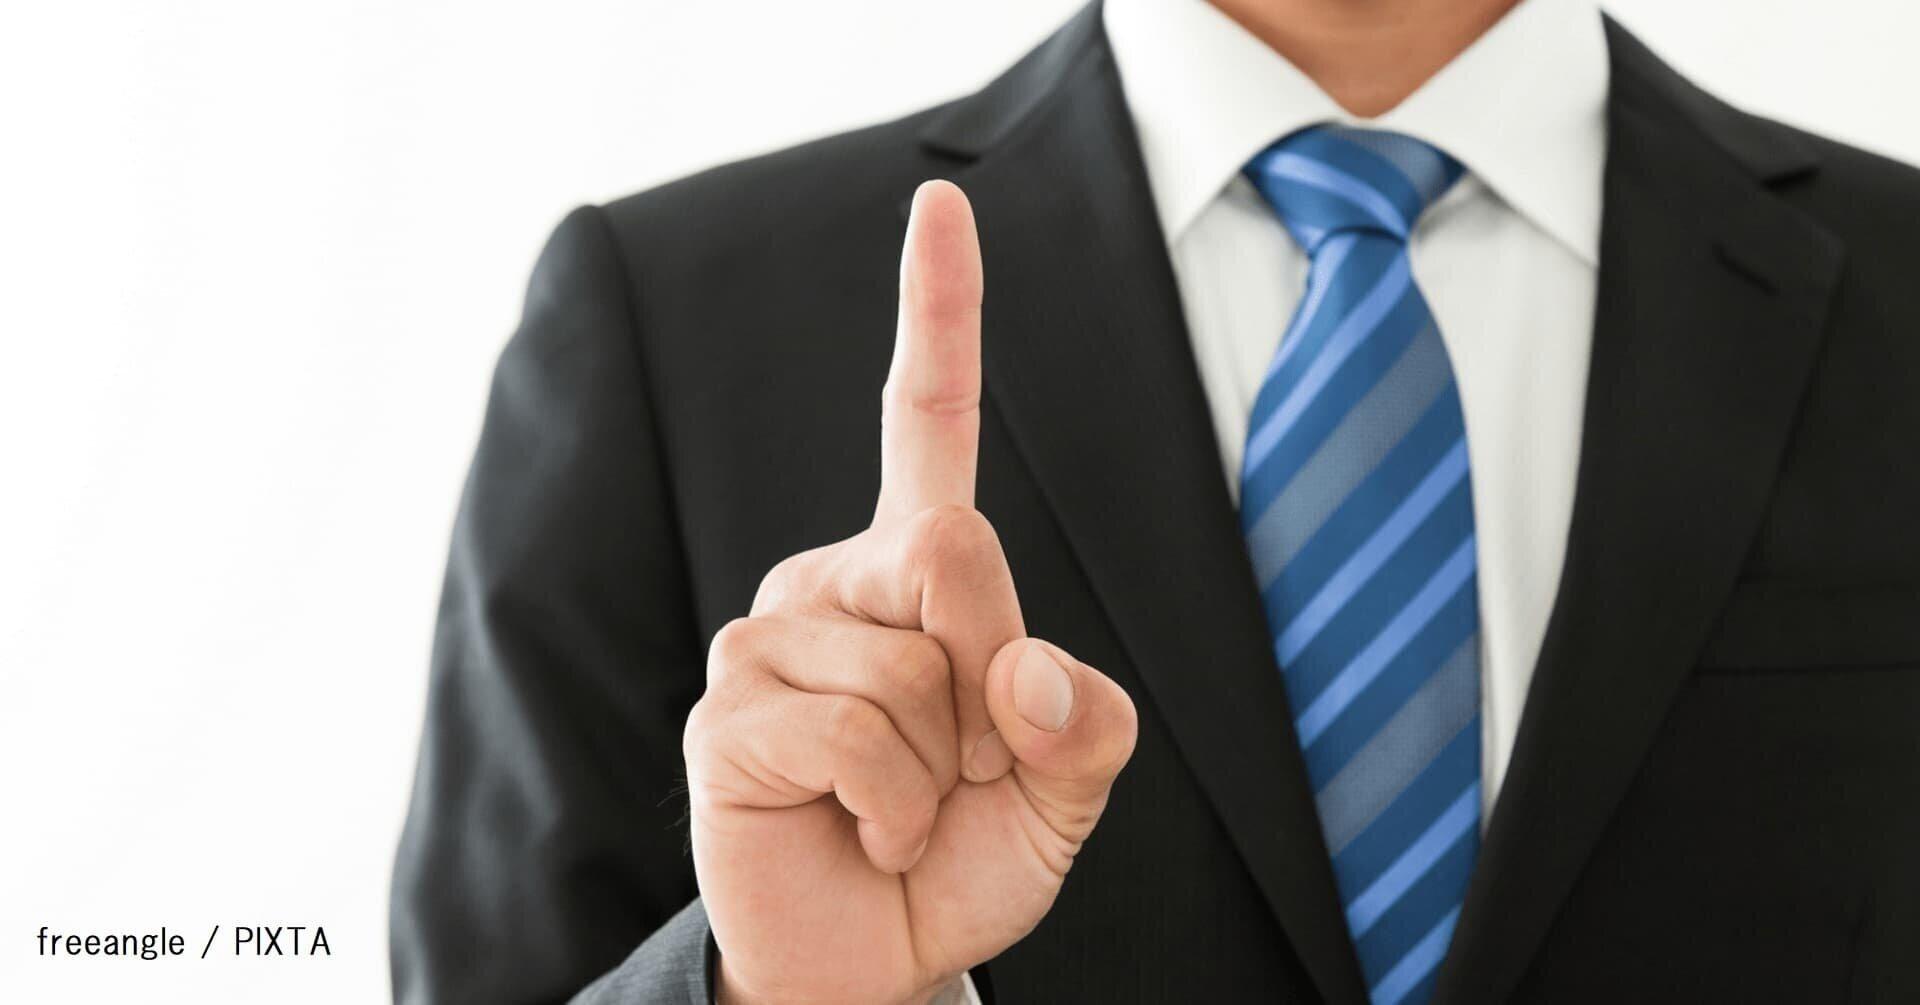 新型コロナ禍において新入社員をケアする3つの視点